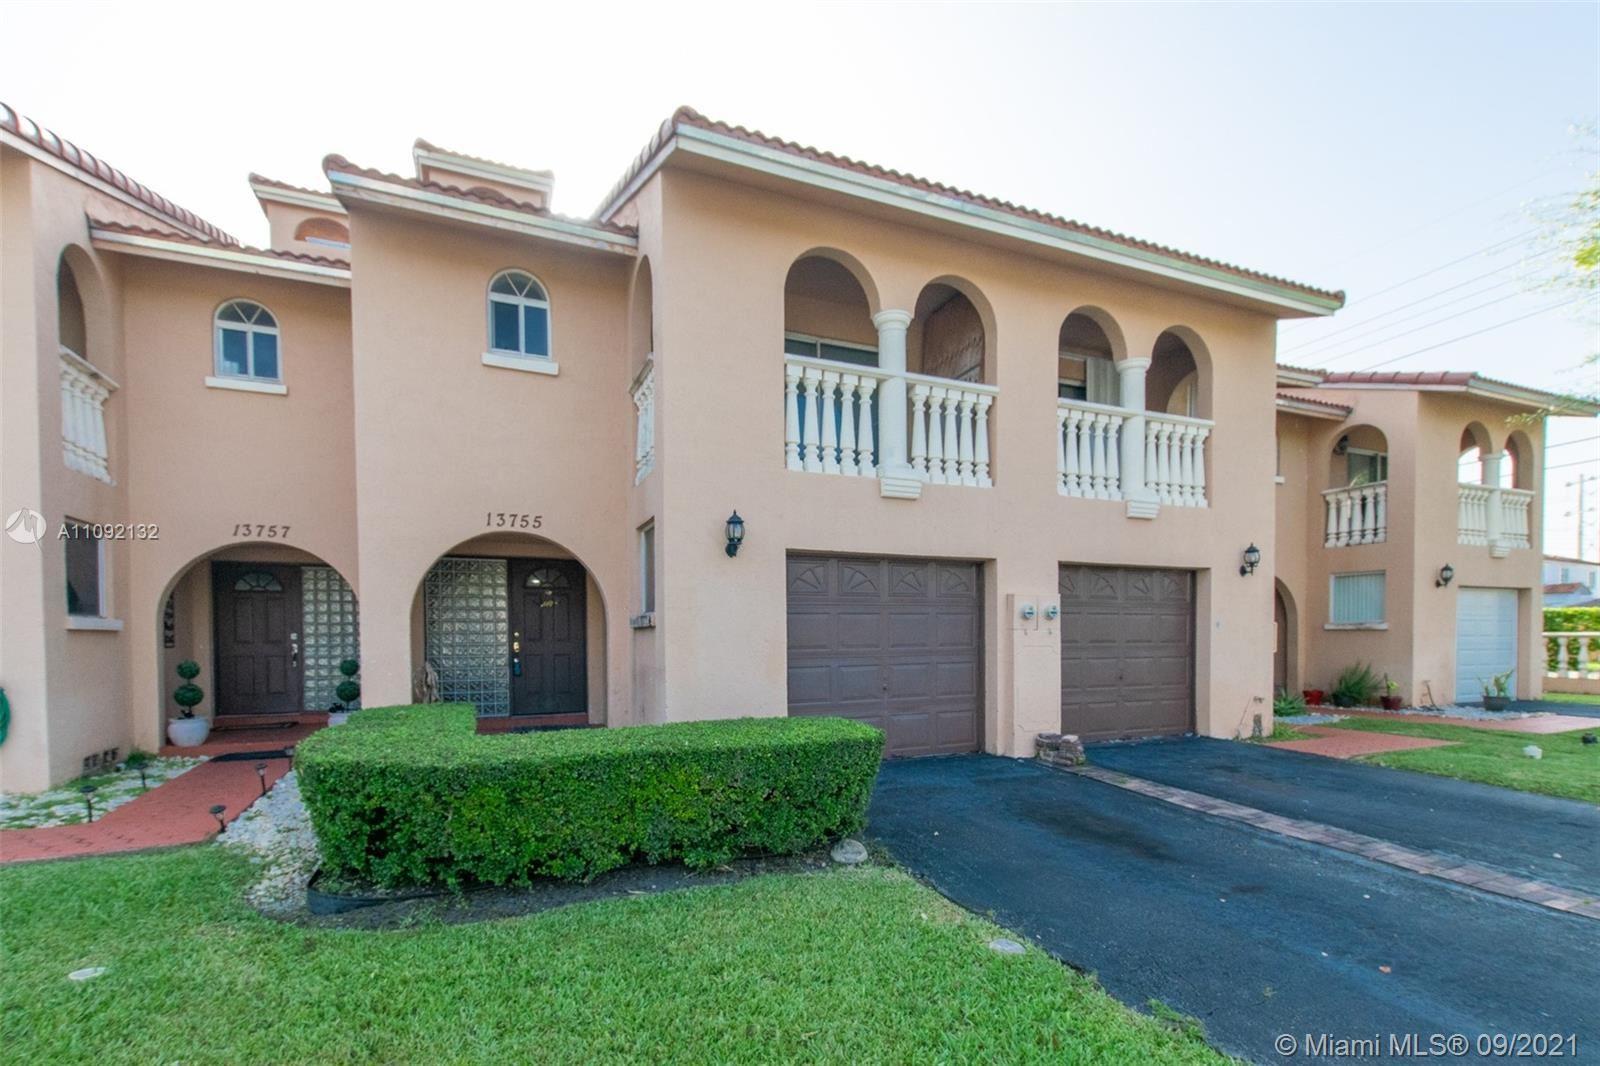 13755 SW 160th St #26, Miami, FL 33177 - #: A11092132